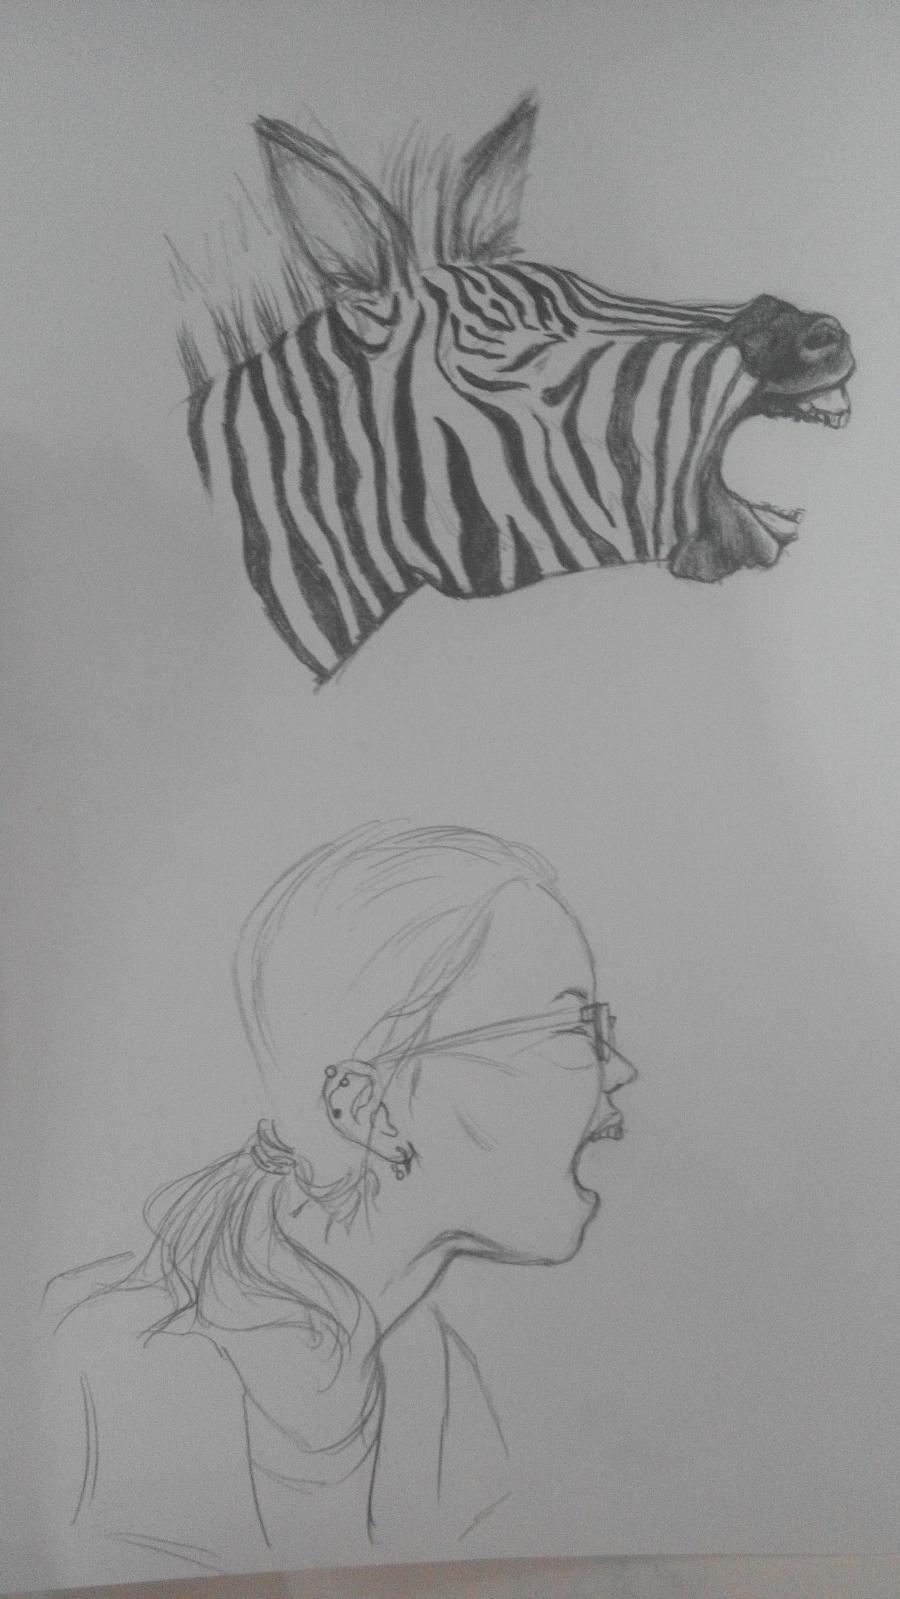 手绘动物拟人化的自画像